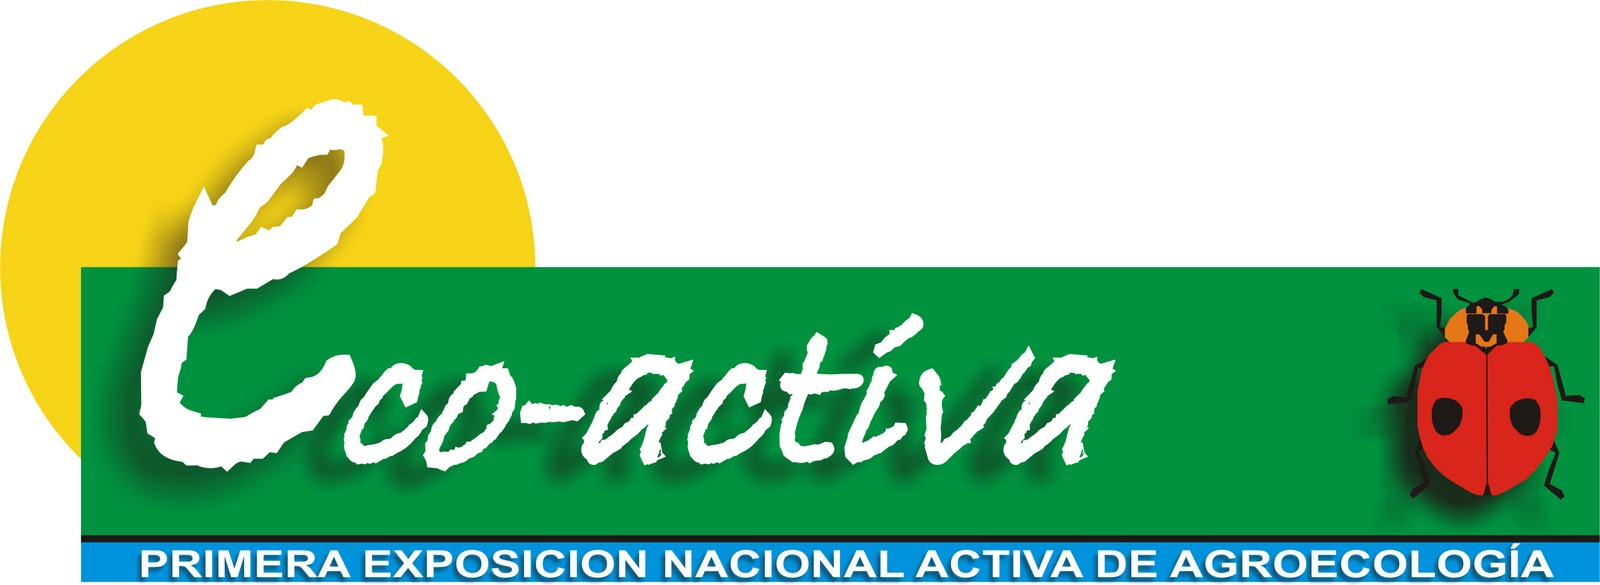 eco-activa